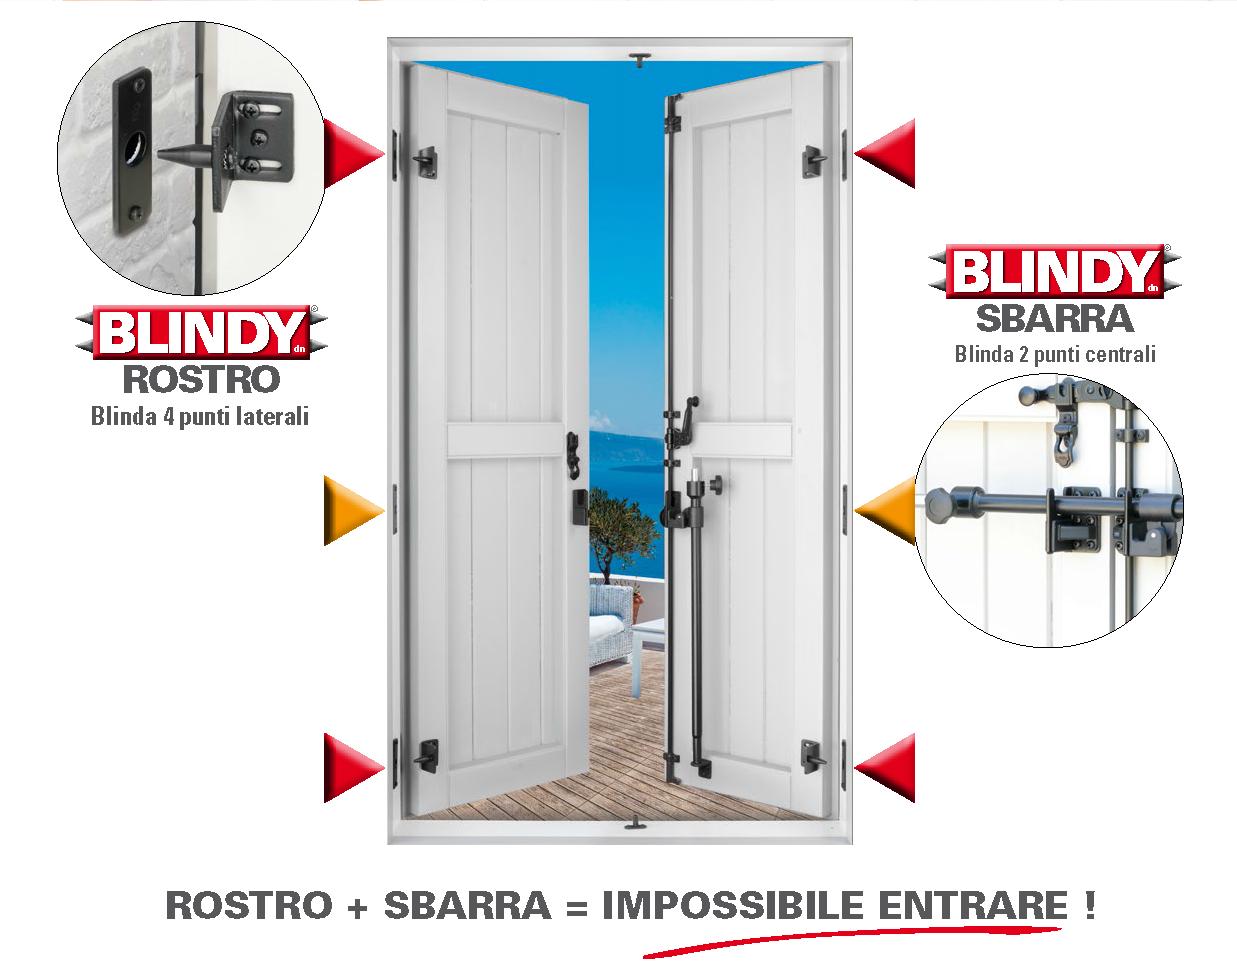 Blindy extra forte - Civico14.com